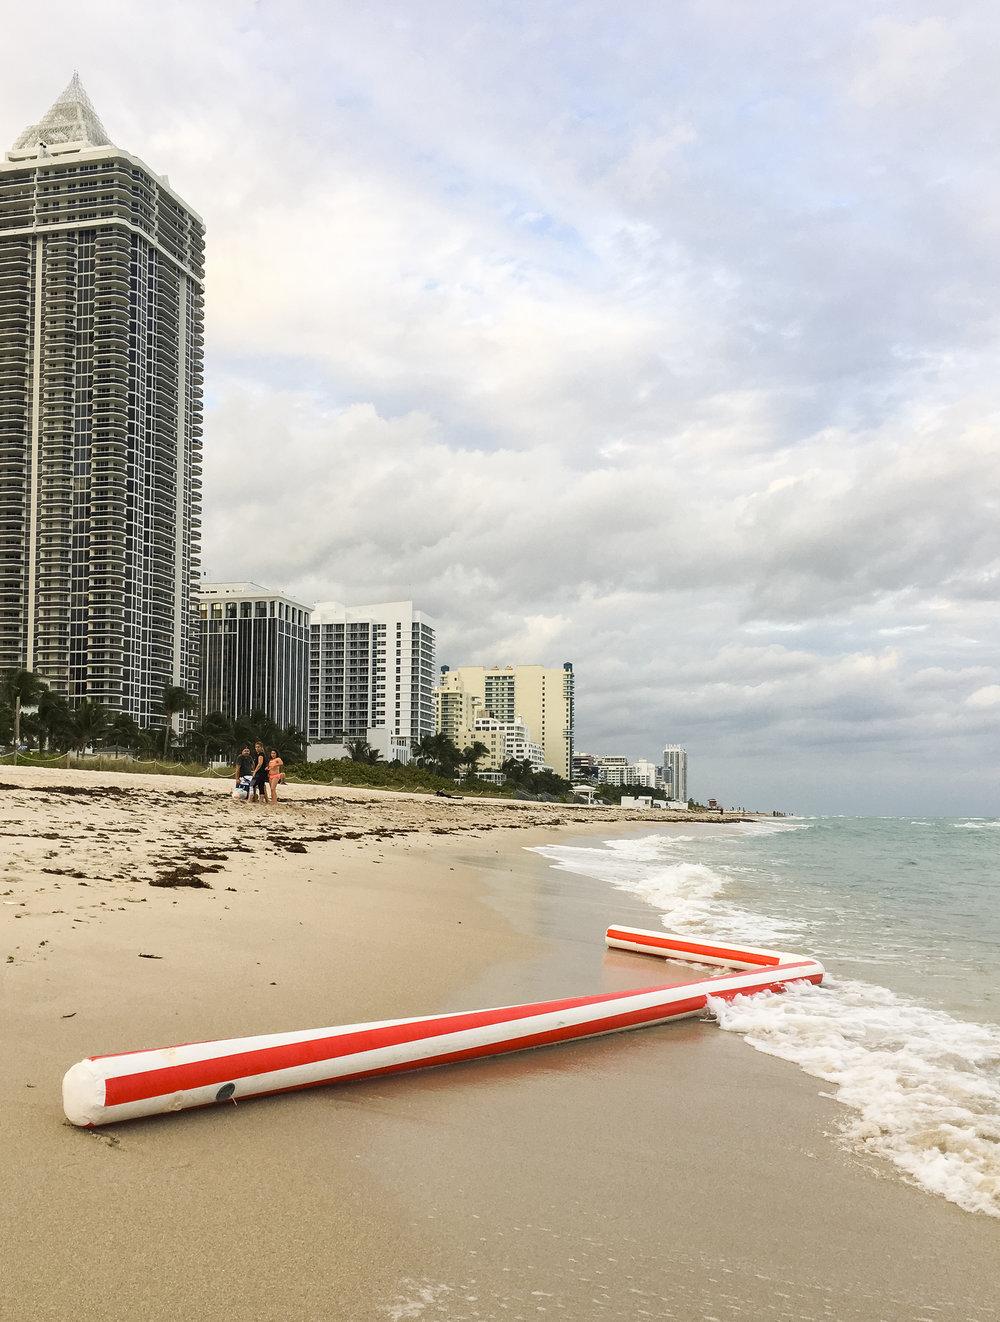 Cruder_LaPenta_Natural_Plasticity_Miami-8532.jpg